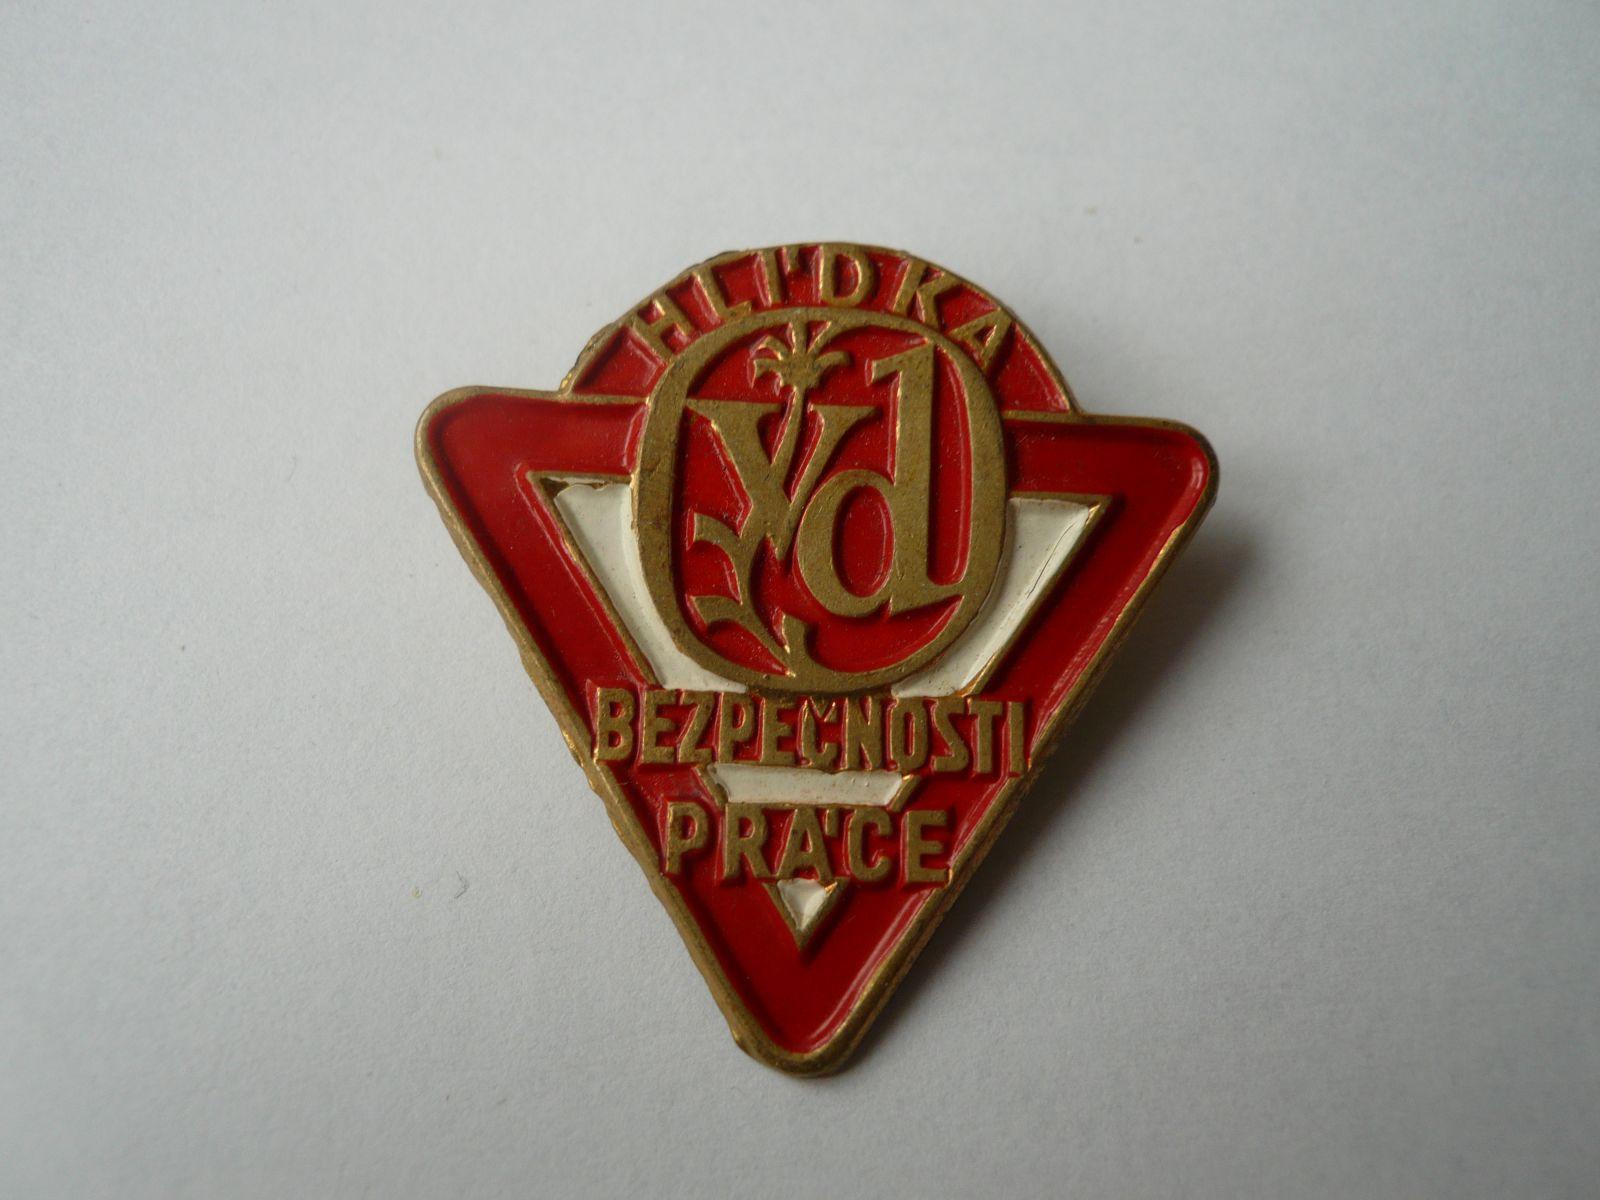 Hlídka bezpečnosti práce výrobních družstev, ČSSR